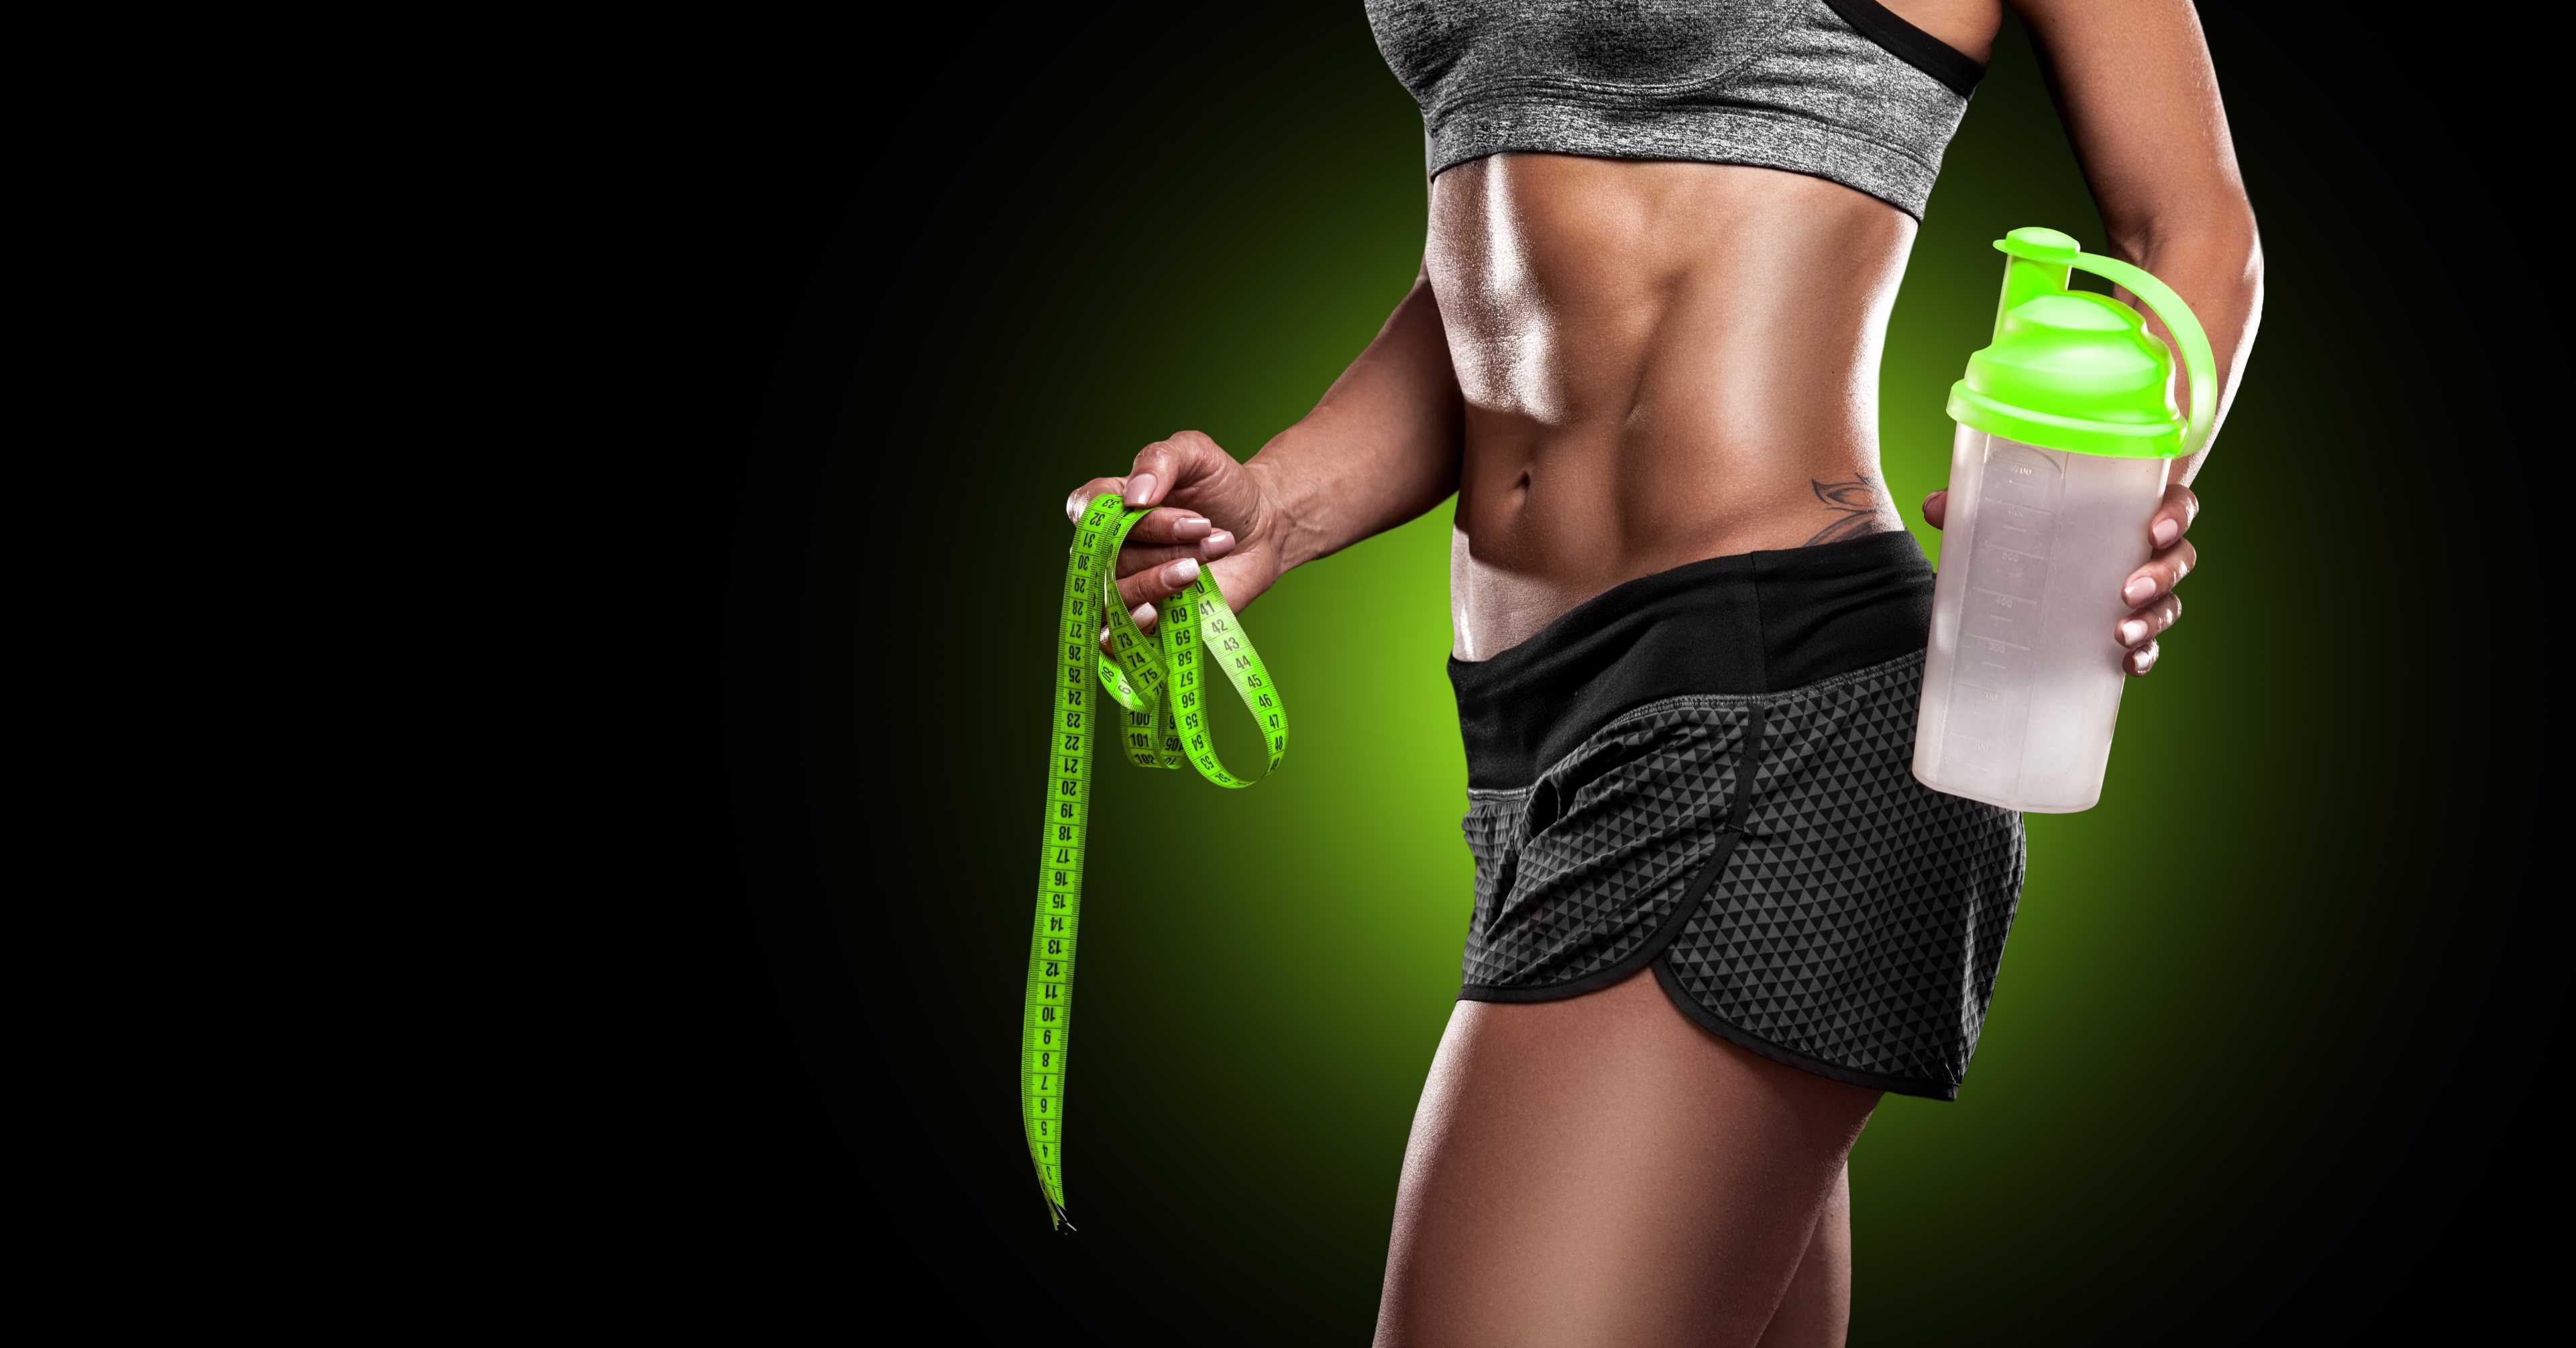 Протеин для похудения девушкам и женщинам: как выбрать, как правильно принимать